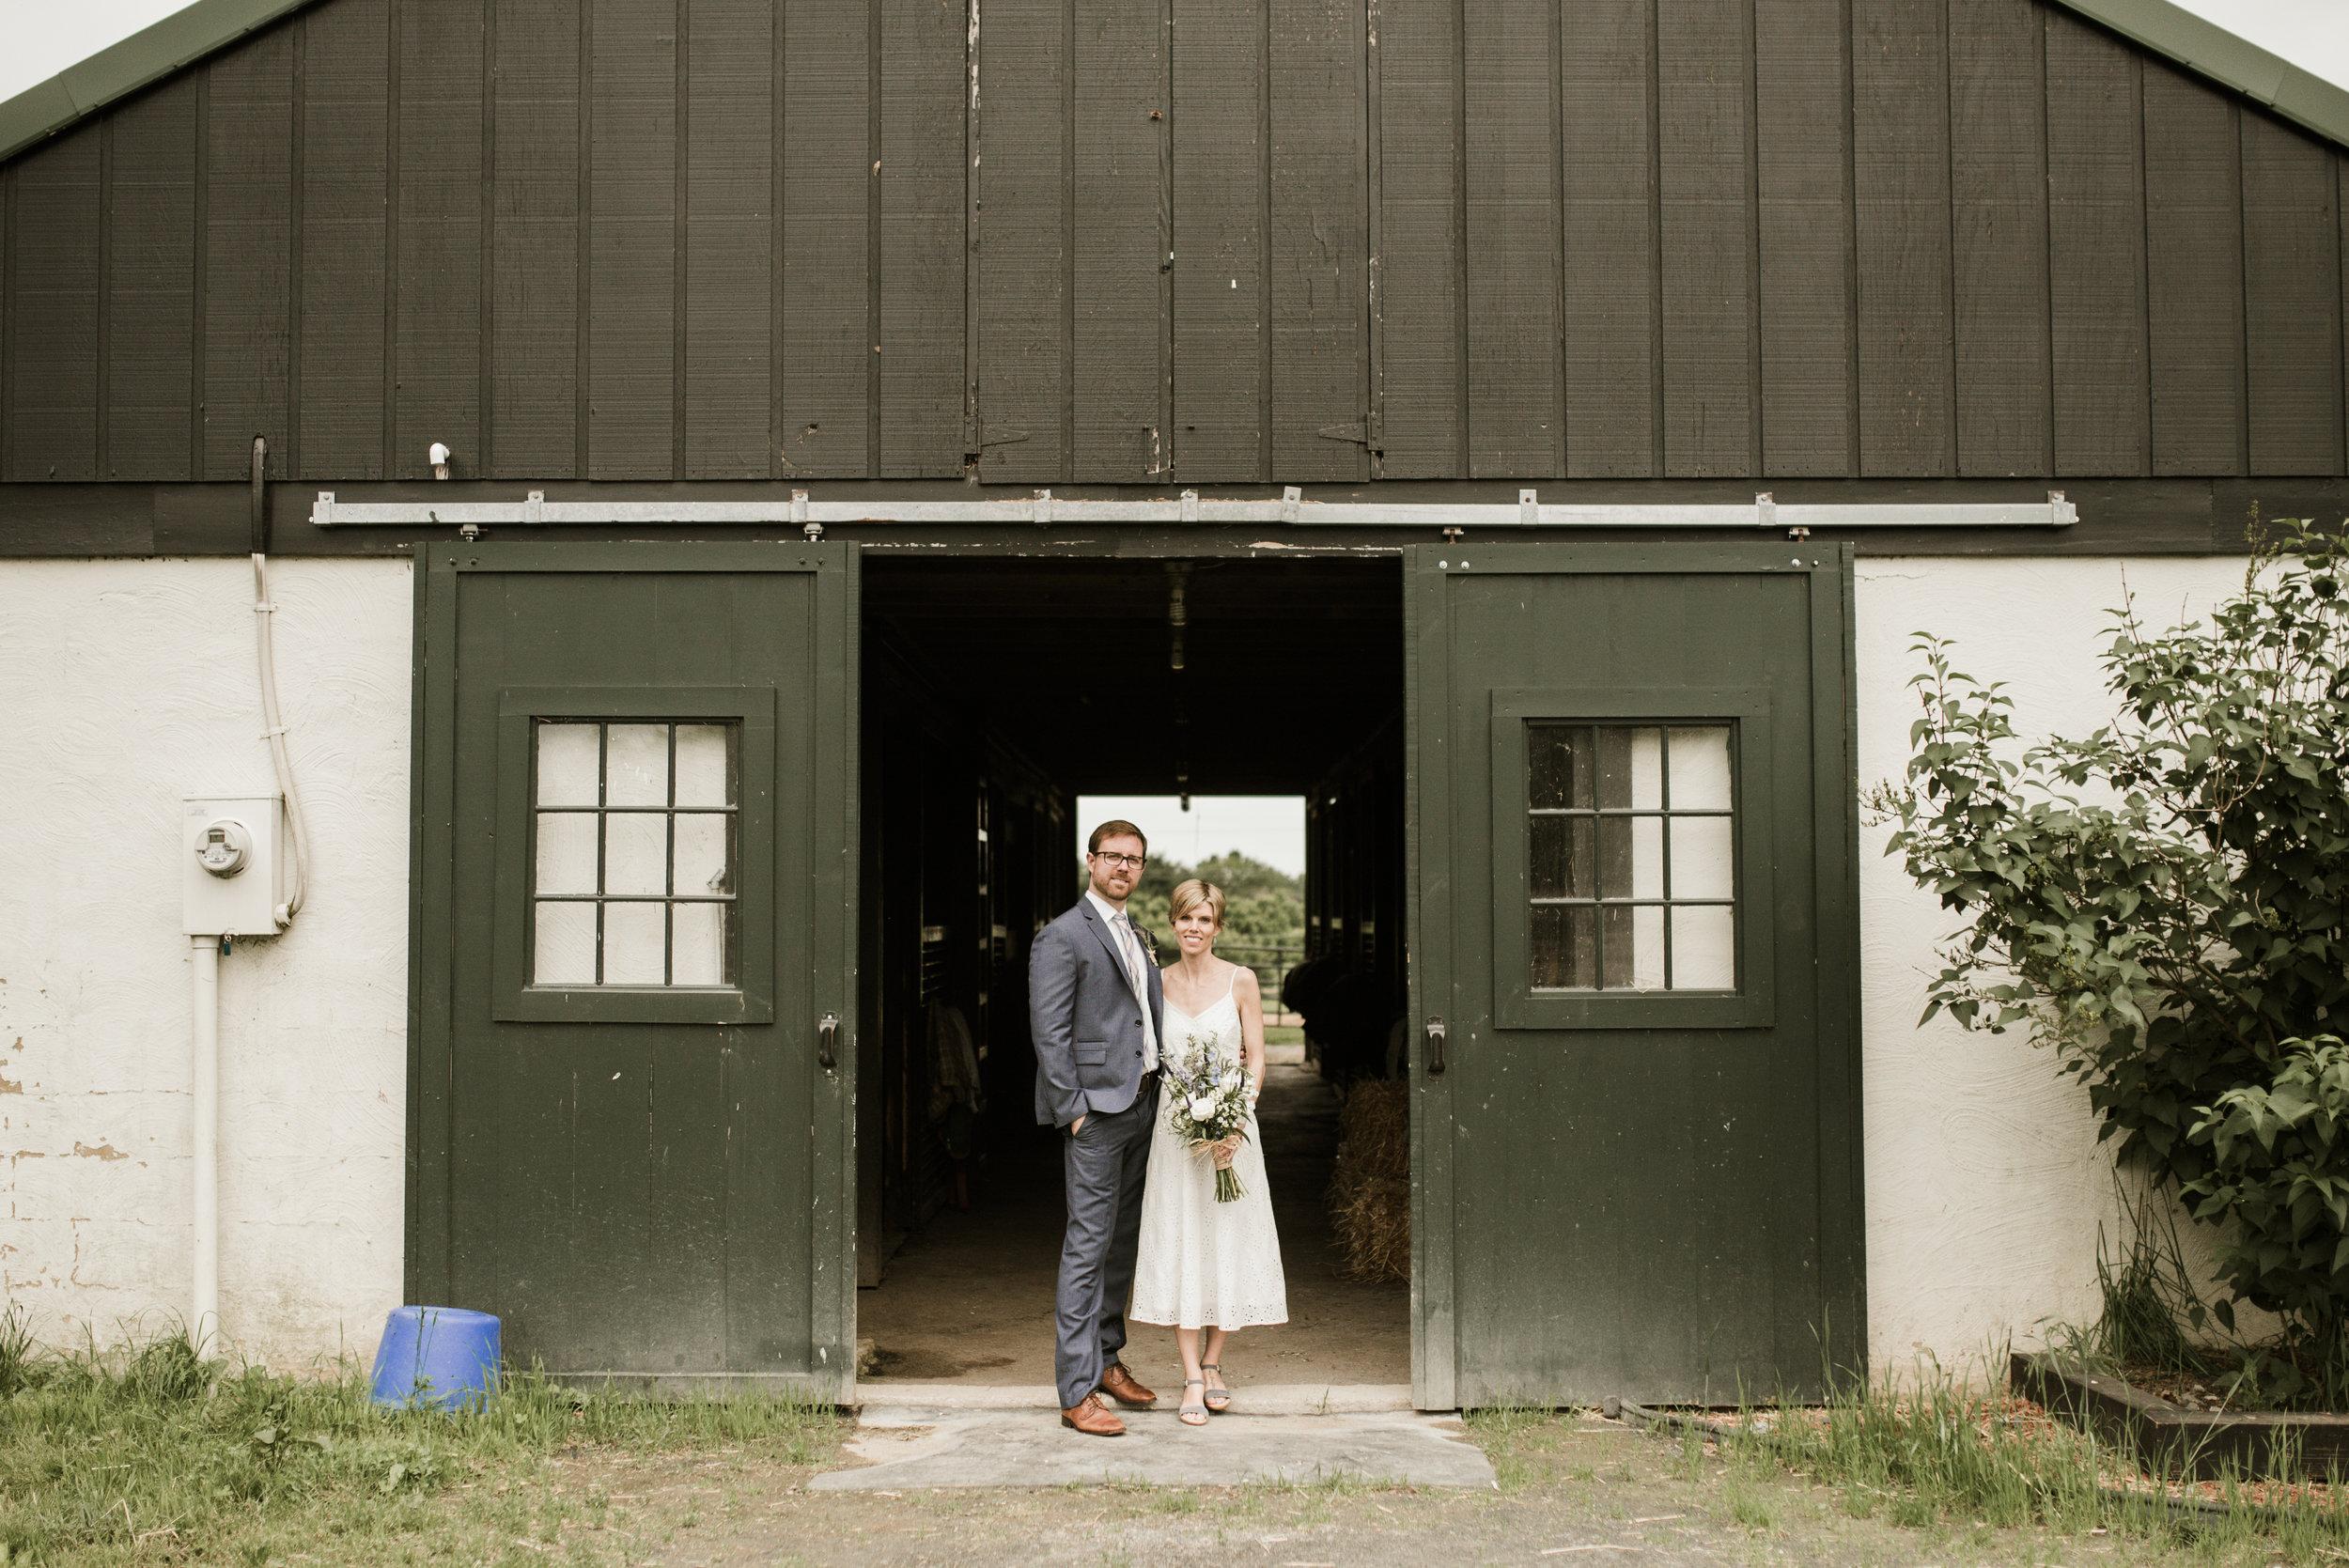 emilybrandonmarylandweddingblog-34.jpg